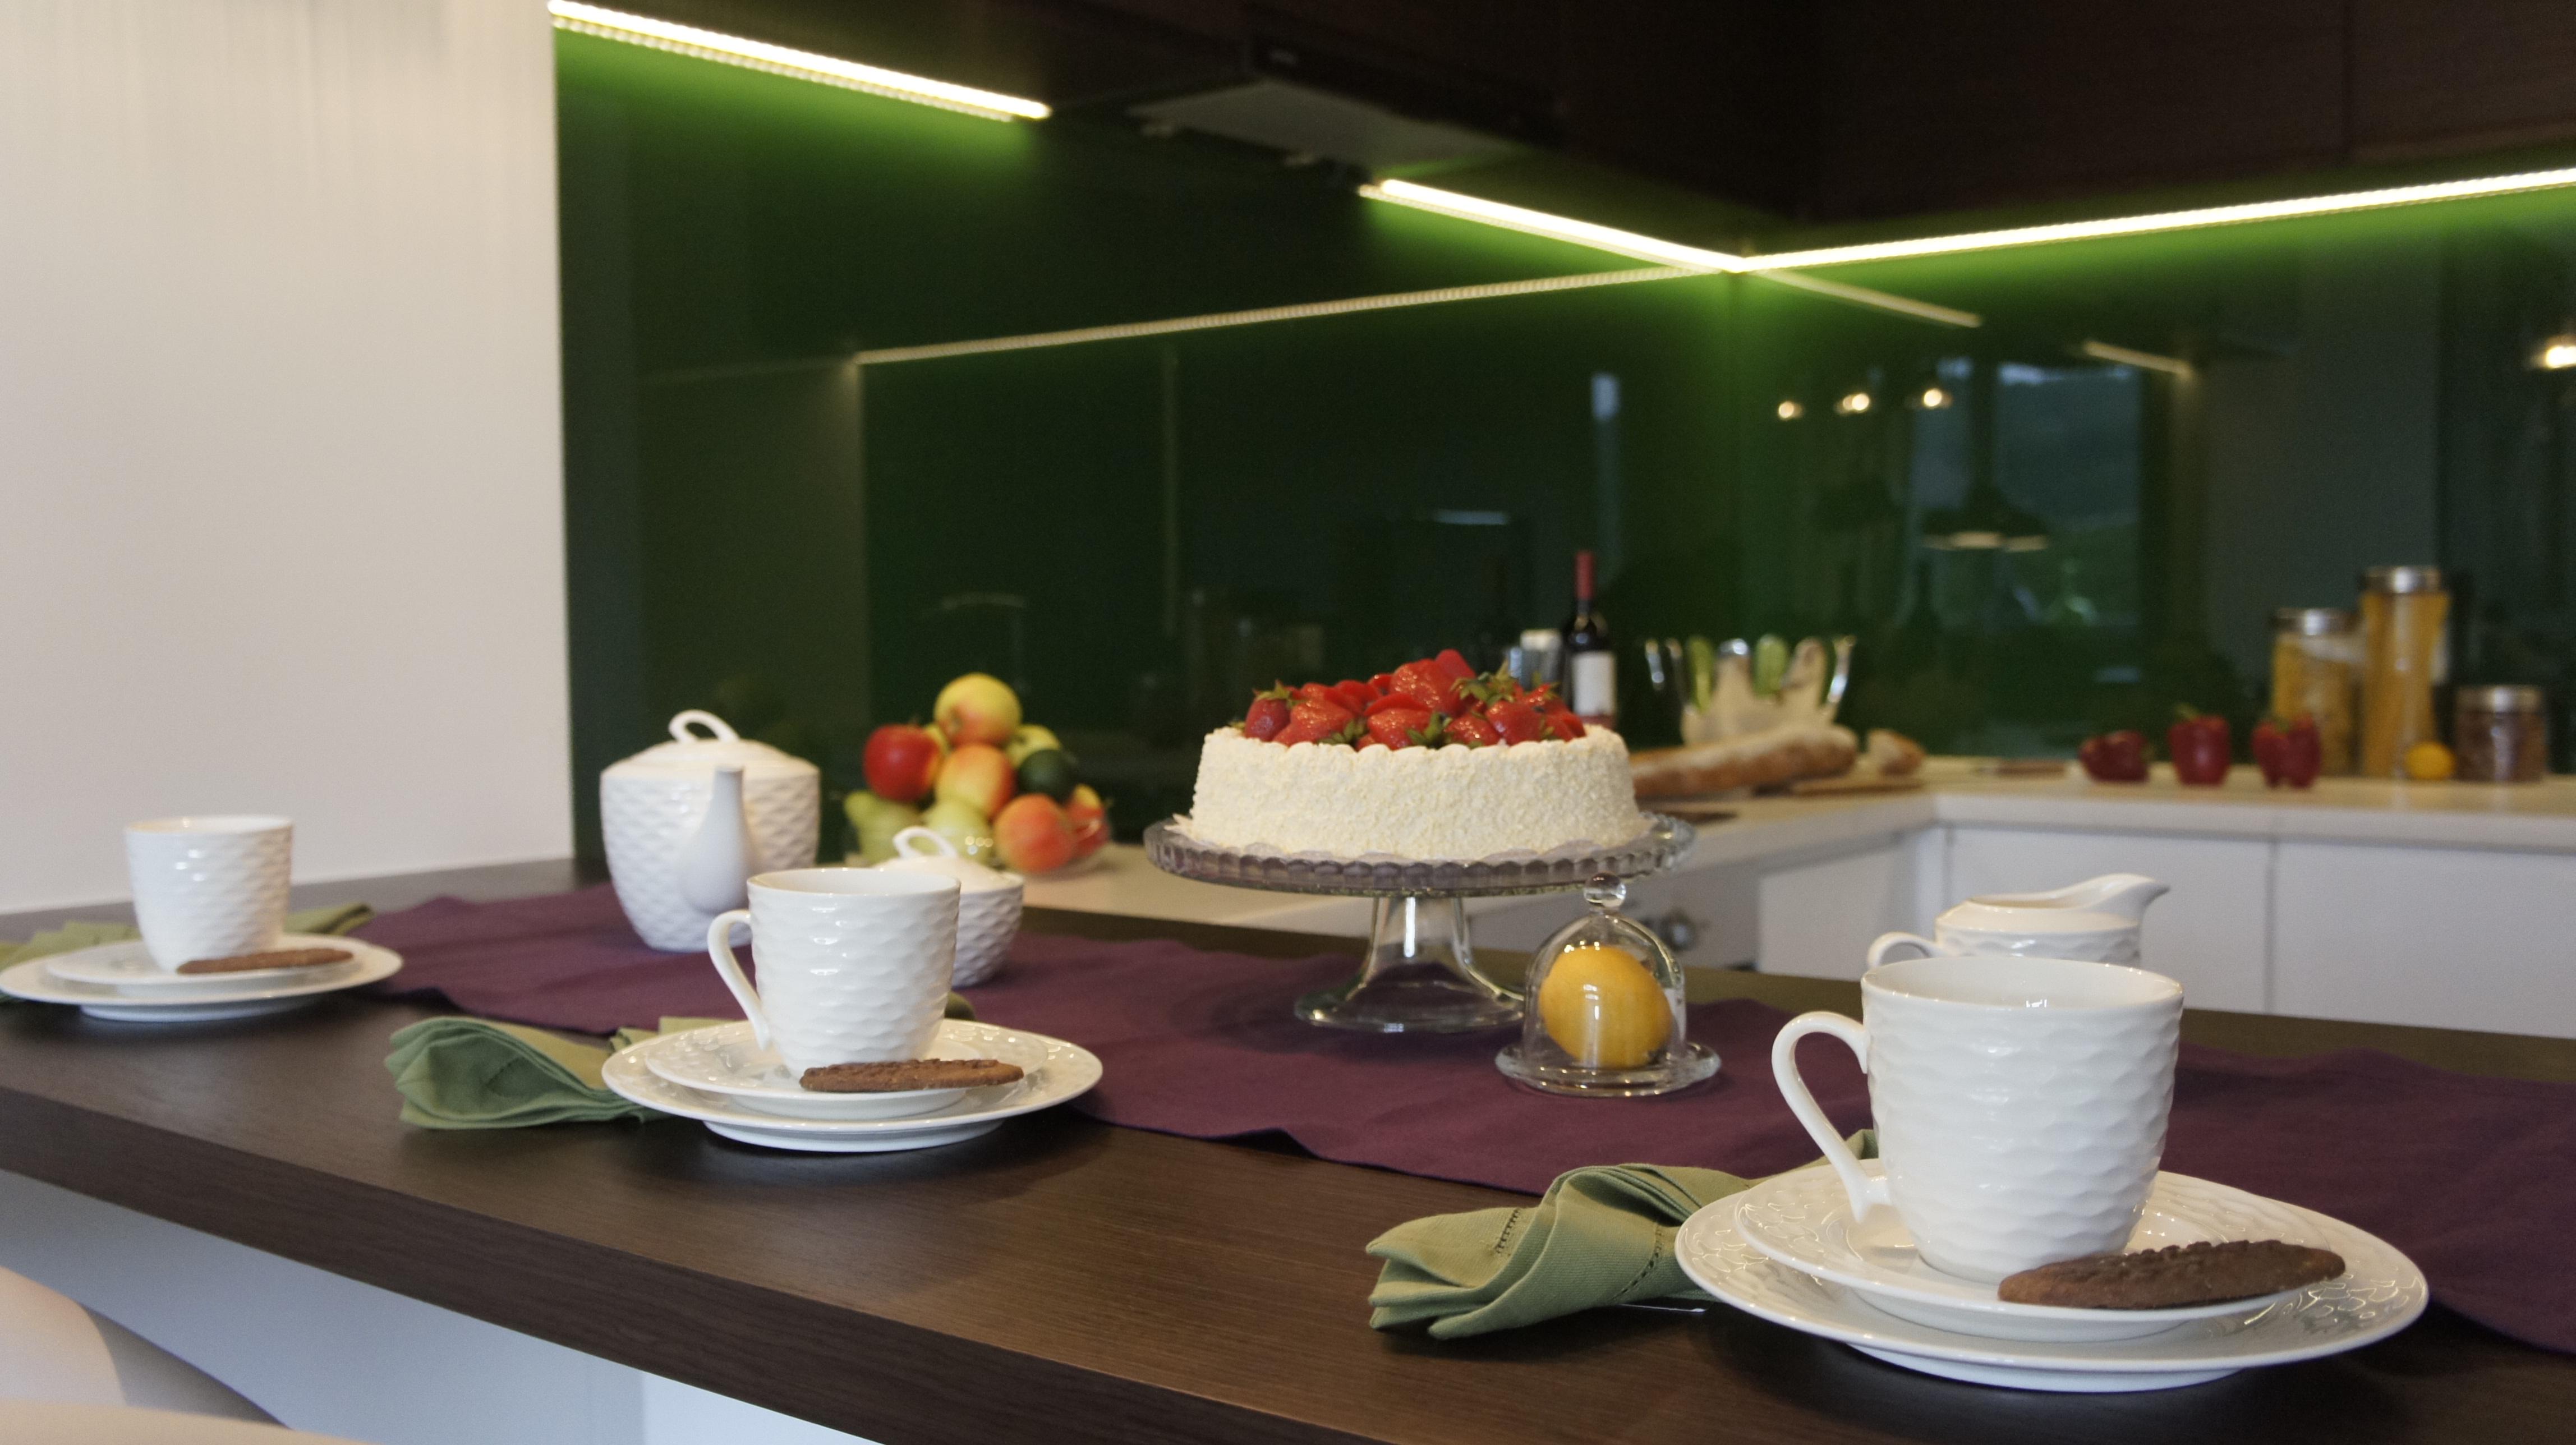 Mieszkanie Pokazowe w Wejherowie  micheldesign -> Salon Kuchni Gdansk